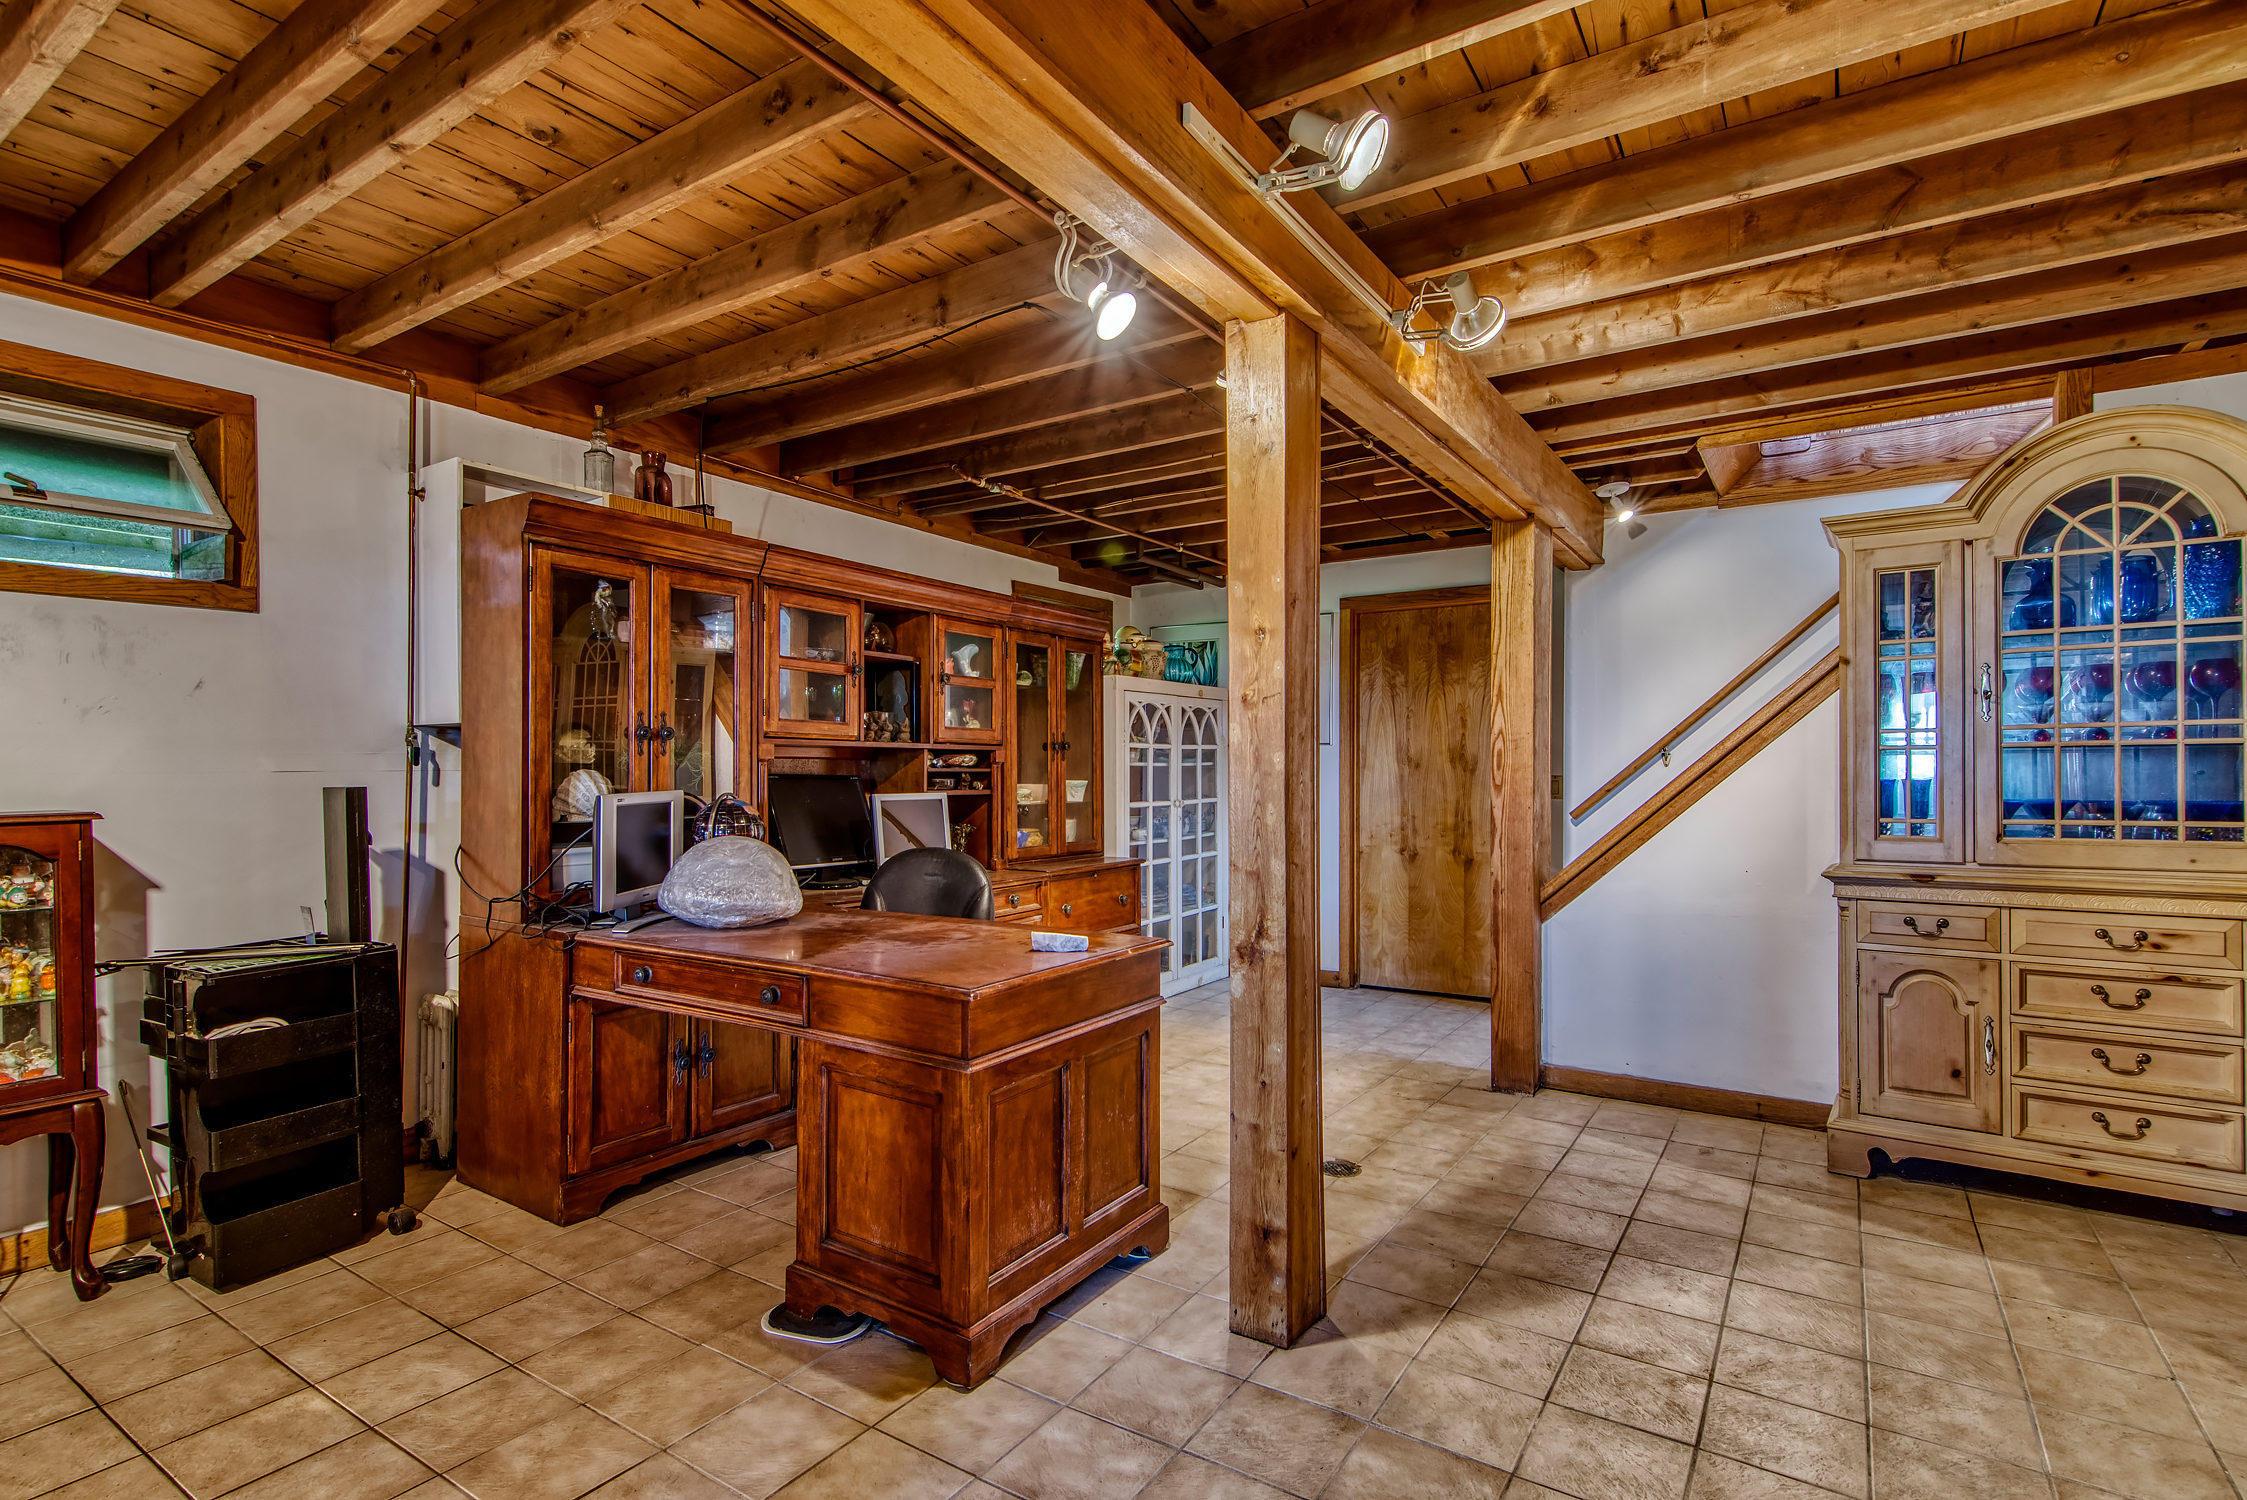 Basement living room/office